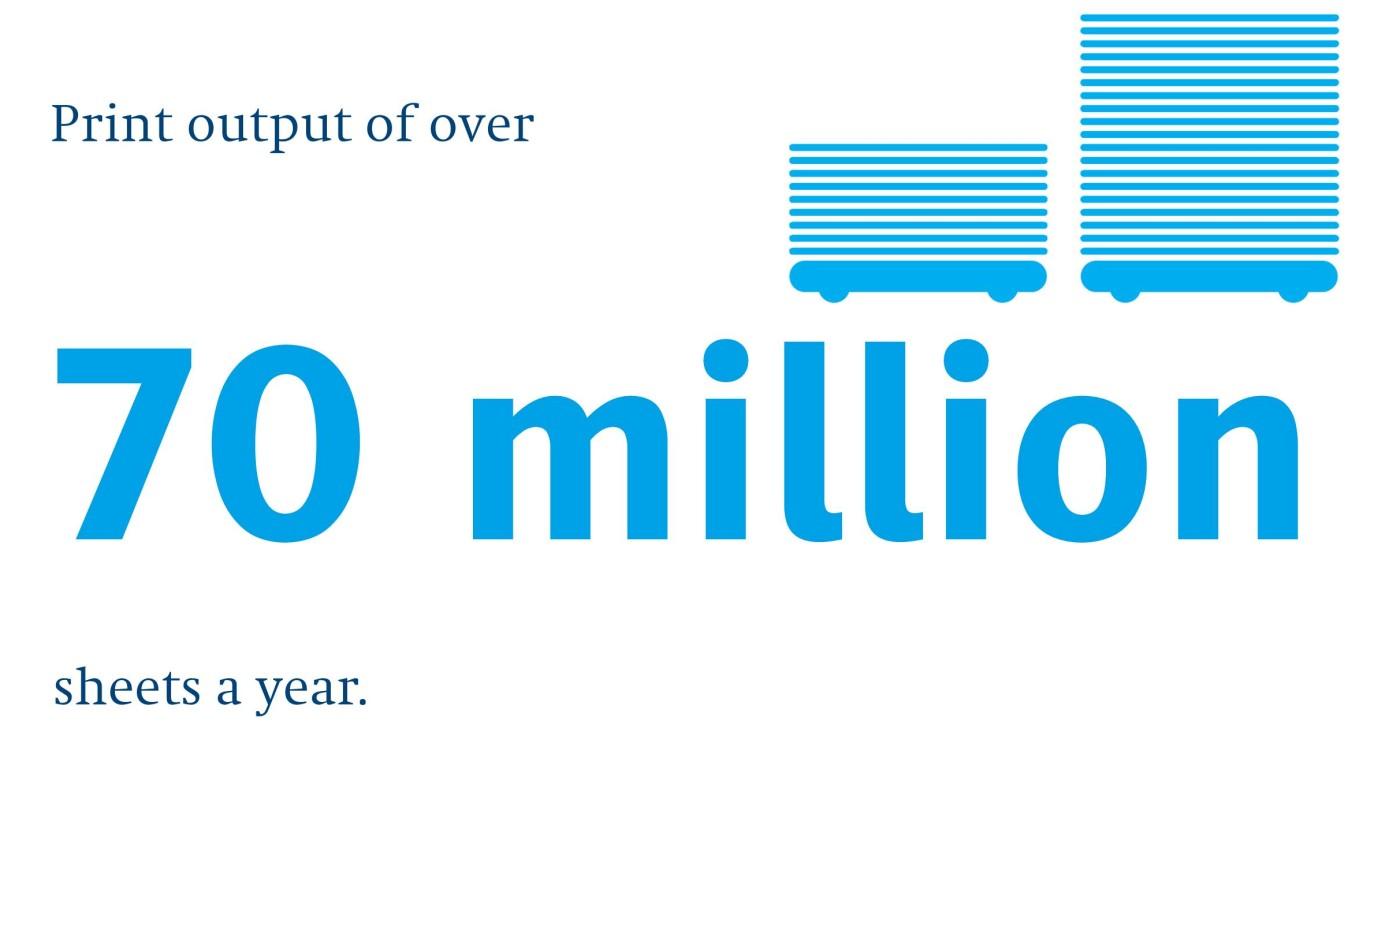 70_million_print_output